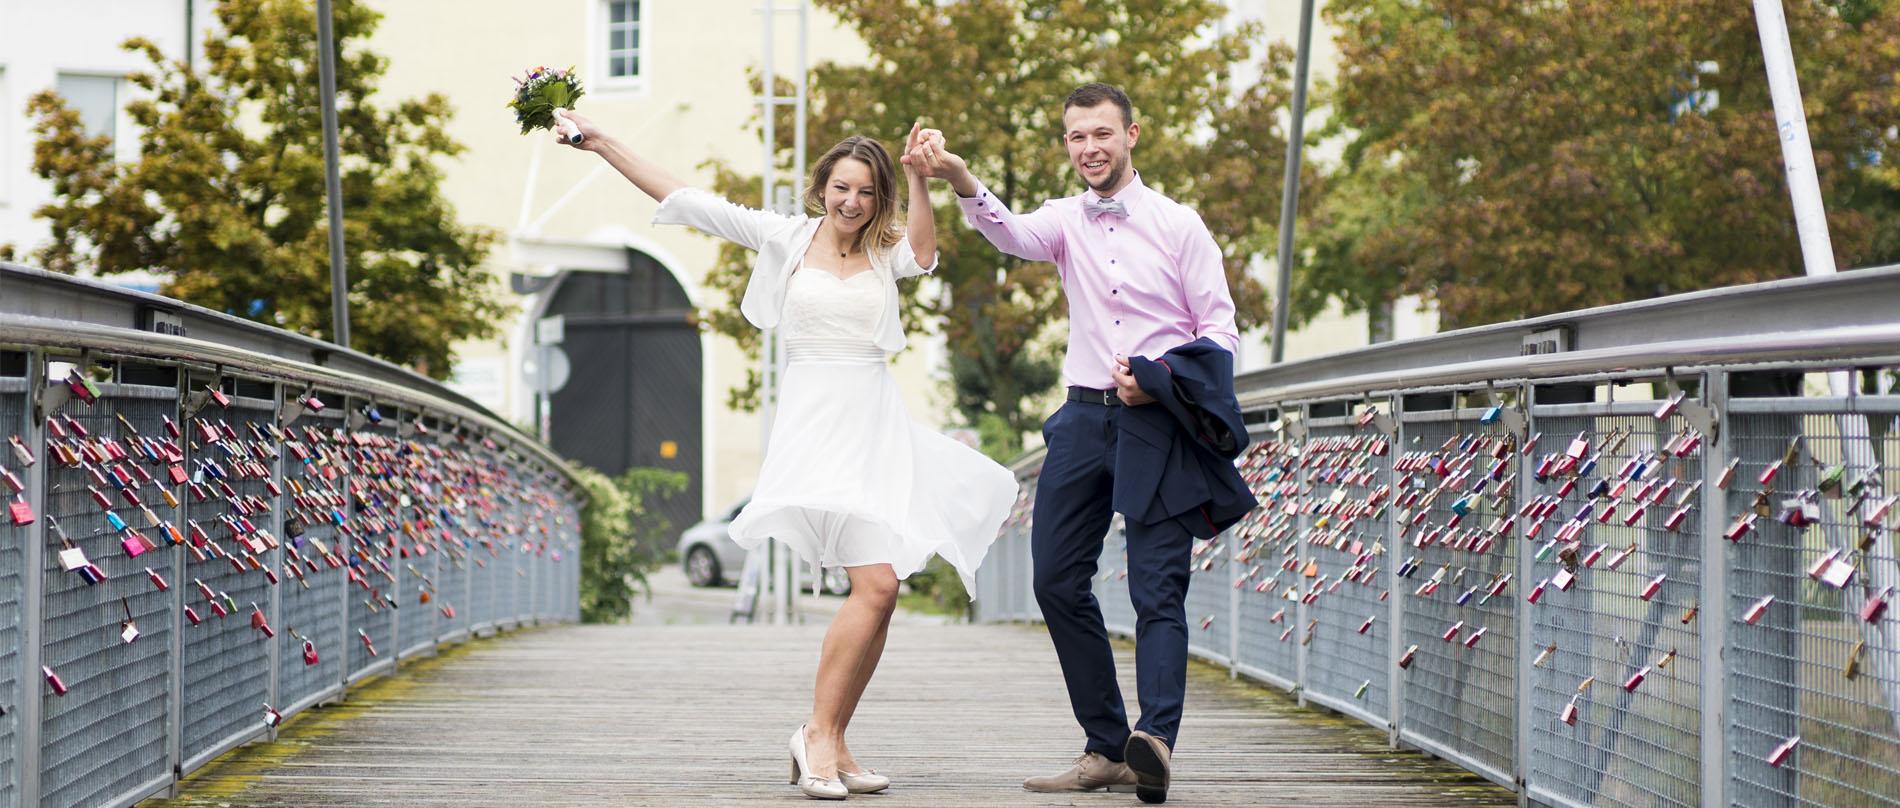 Hochzeitsfotos Reportage & Brautpaar